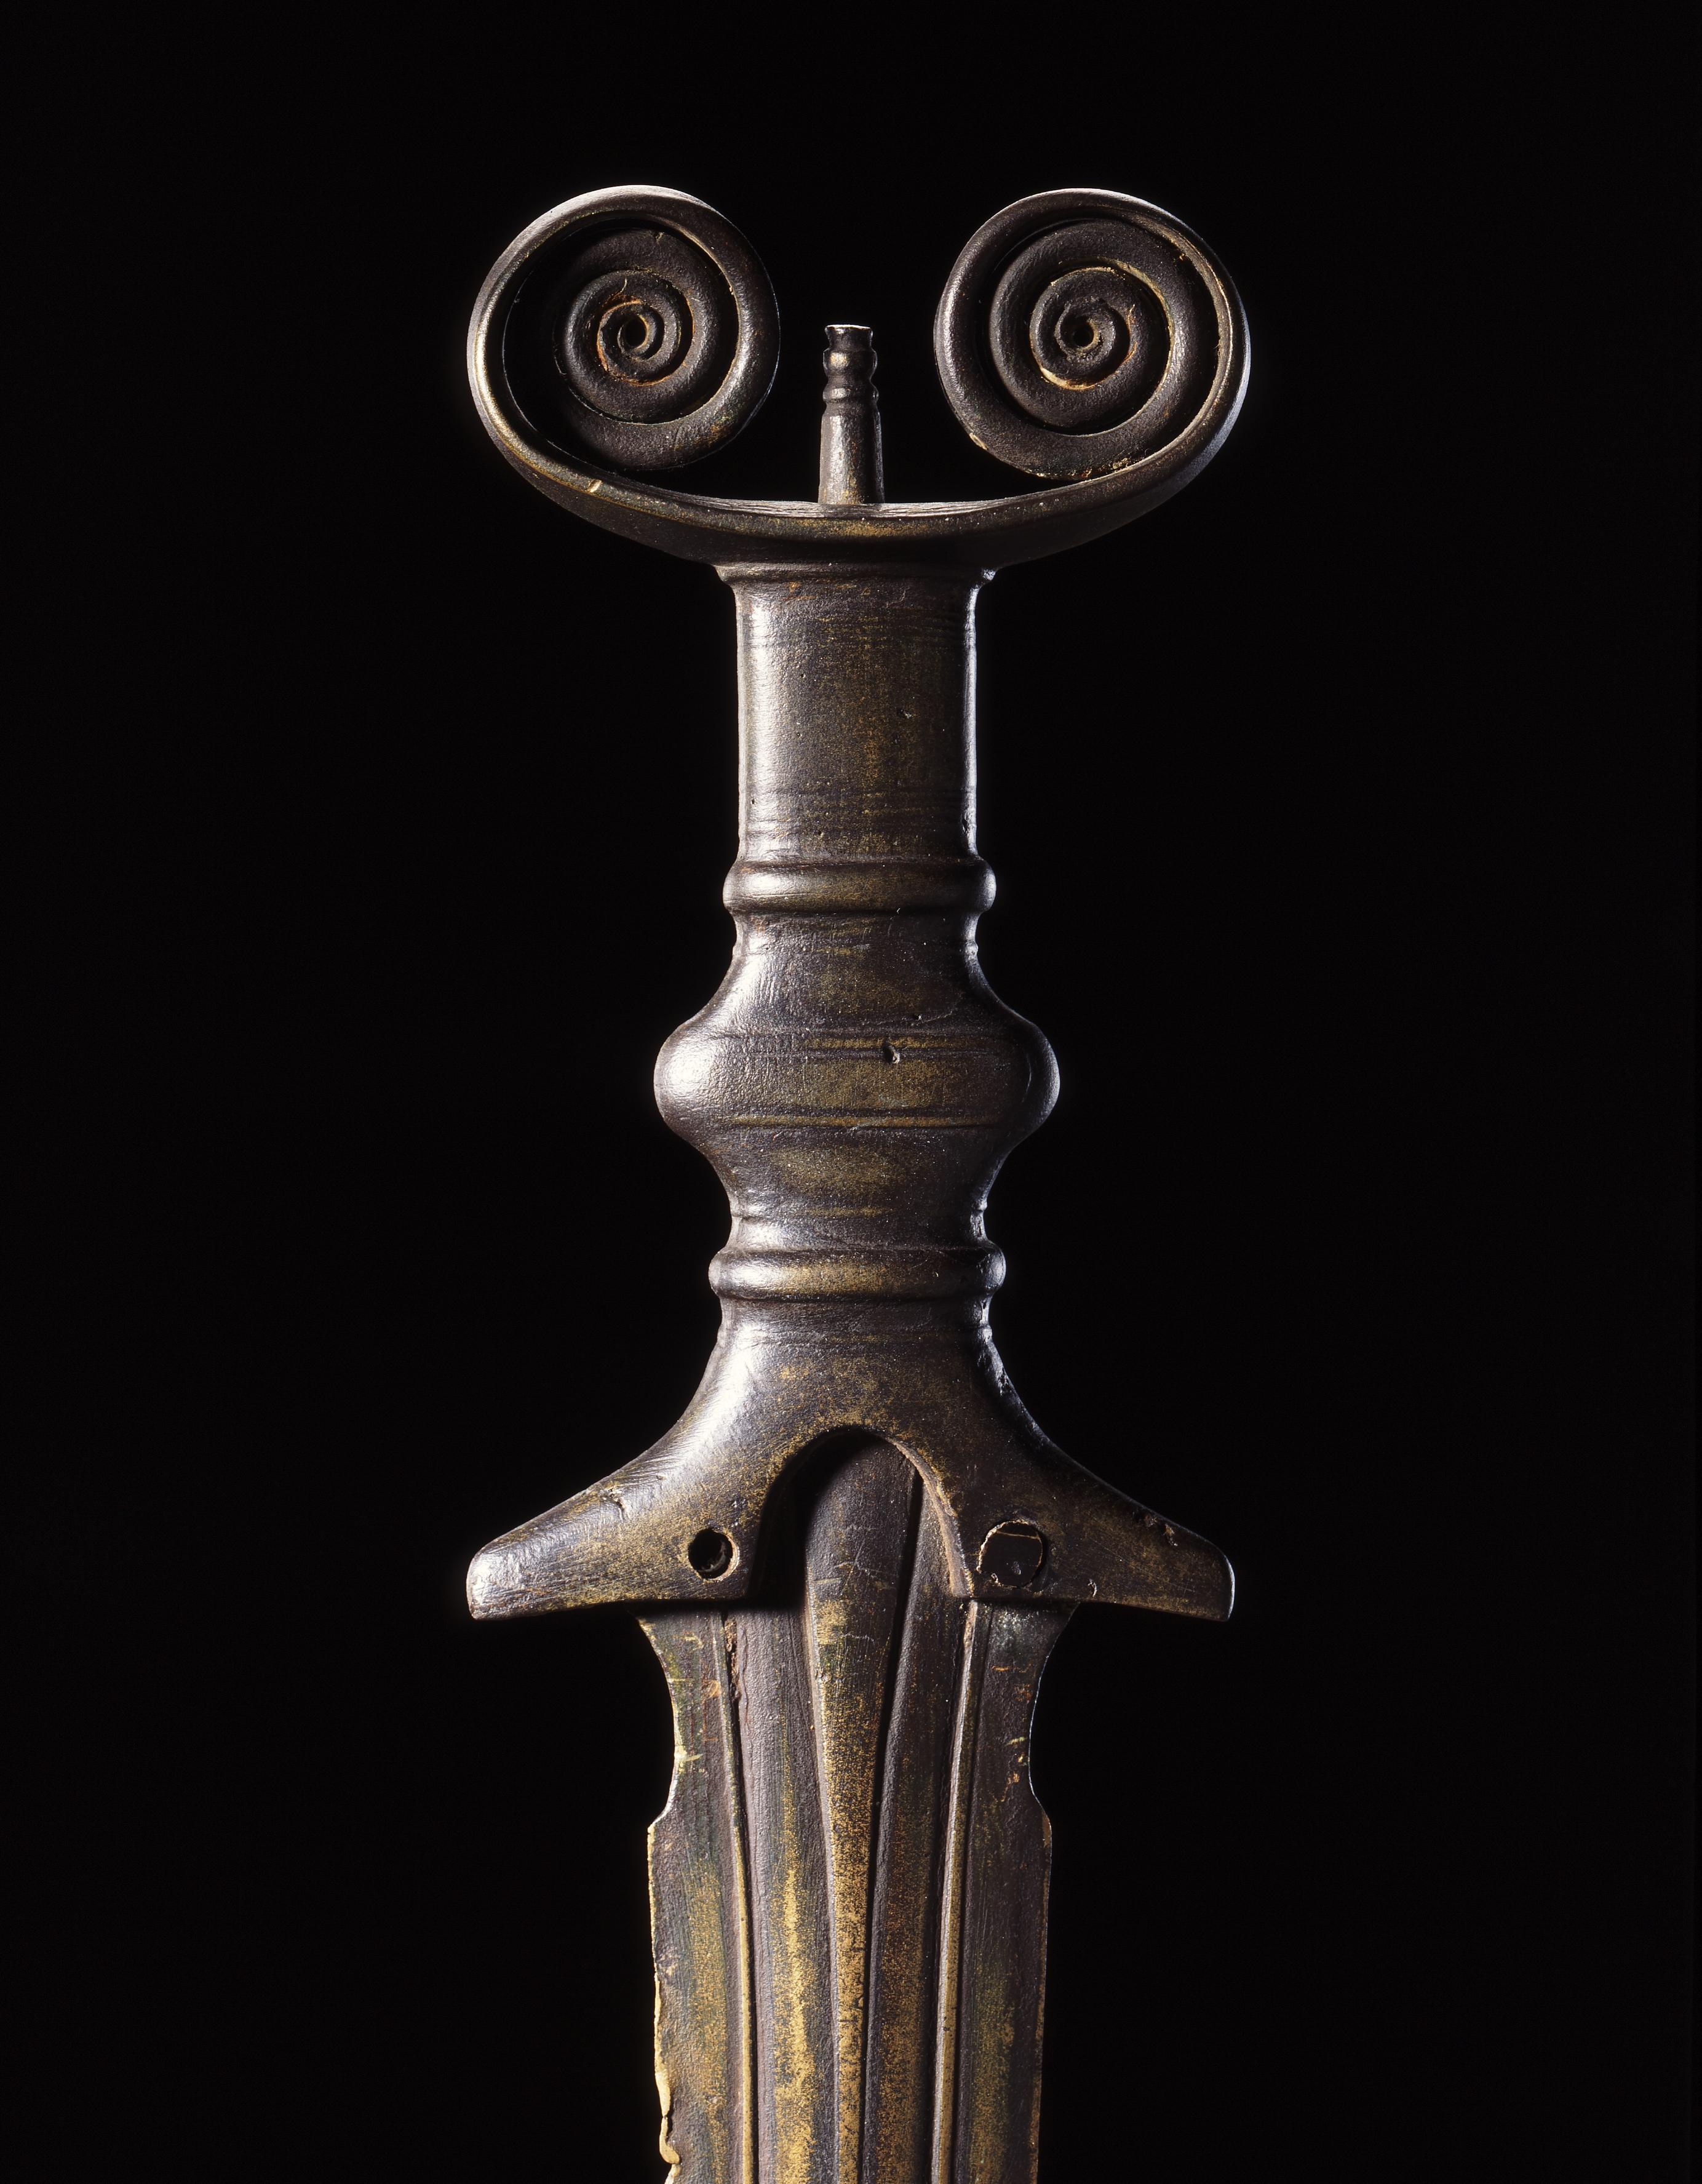 Vollgriffschwert aus Bronze mit Antennengriff und doppeltem Spiralknauf, 9. Jh. v.u.Z. (c) Landesmuseum Württemberg, Stuttgart. Foto: Peter Frankenstein, Hendrik Zwietasch